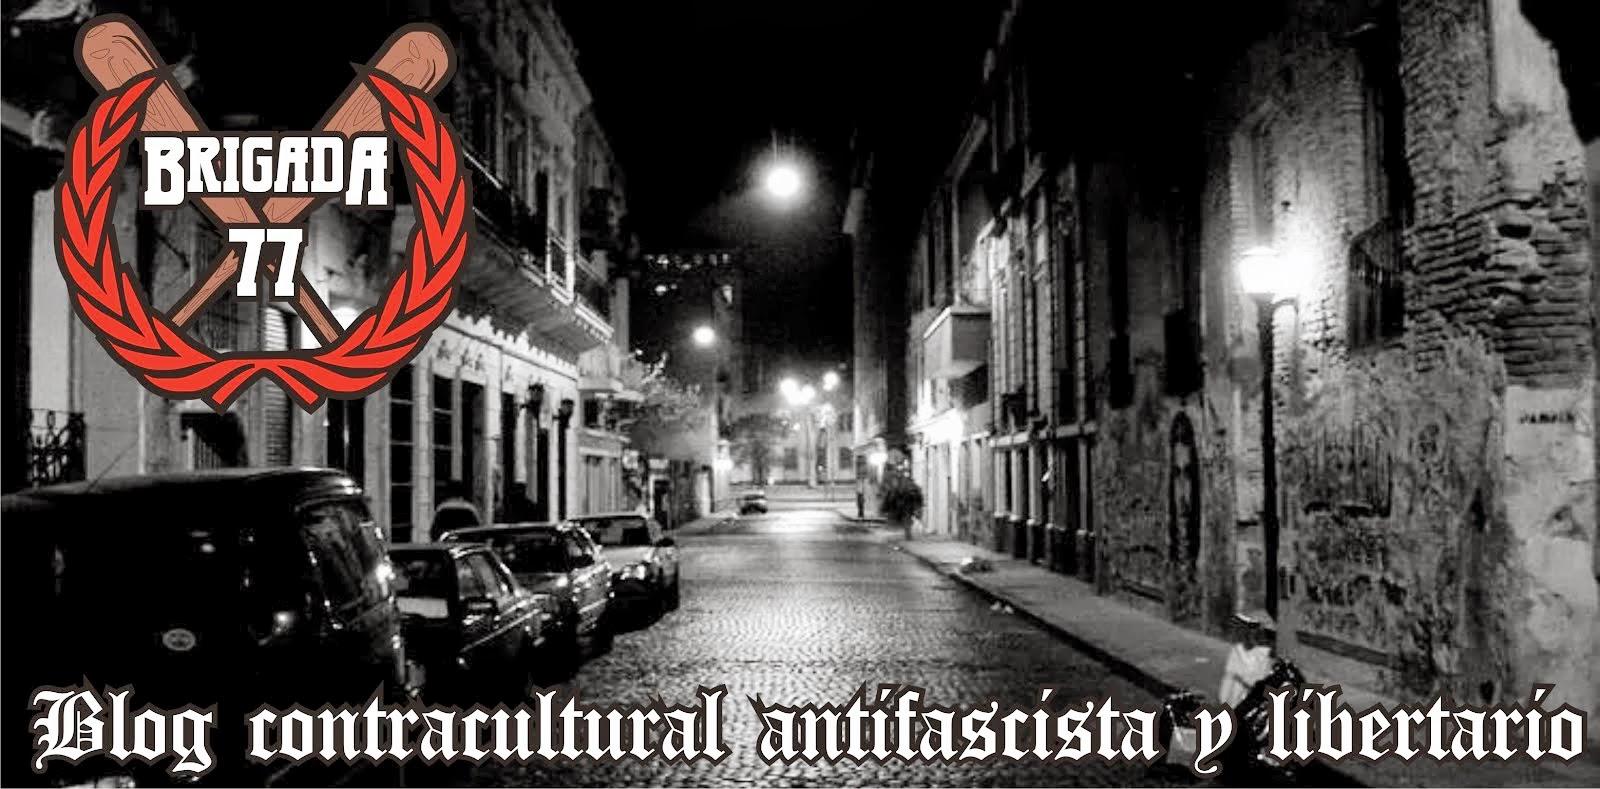 Brigada 77. Contracultura y antifascismo